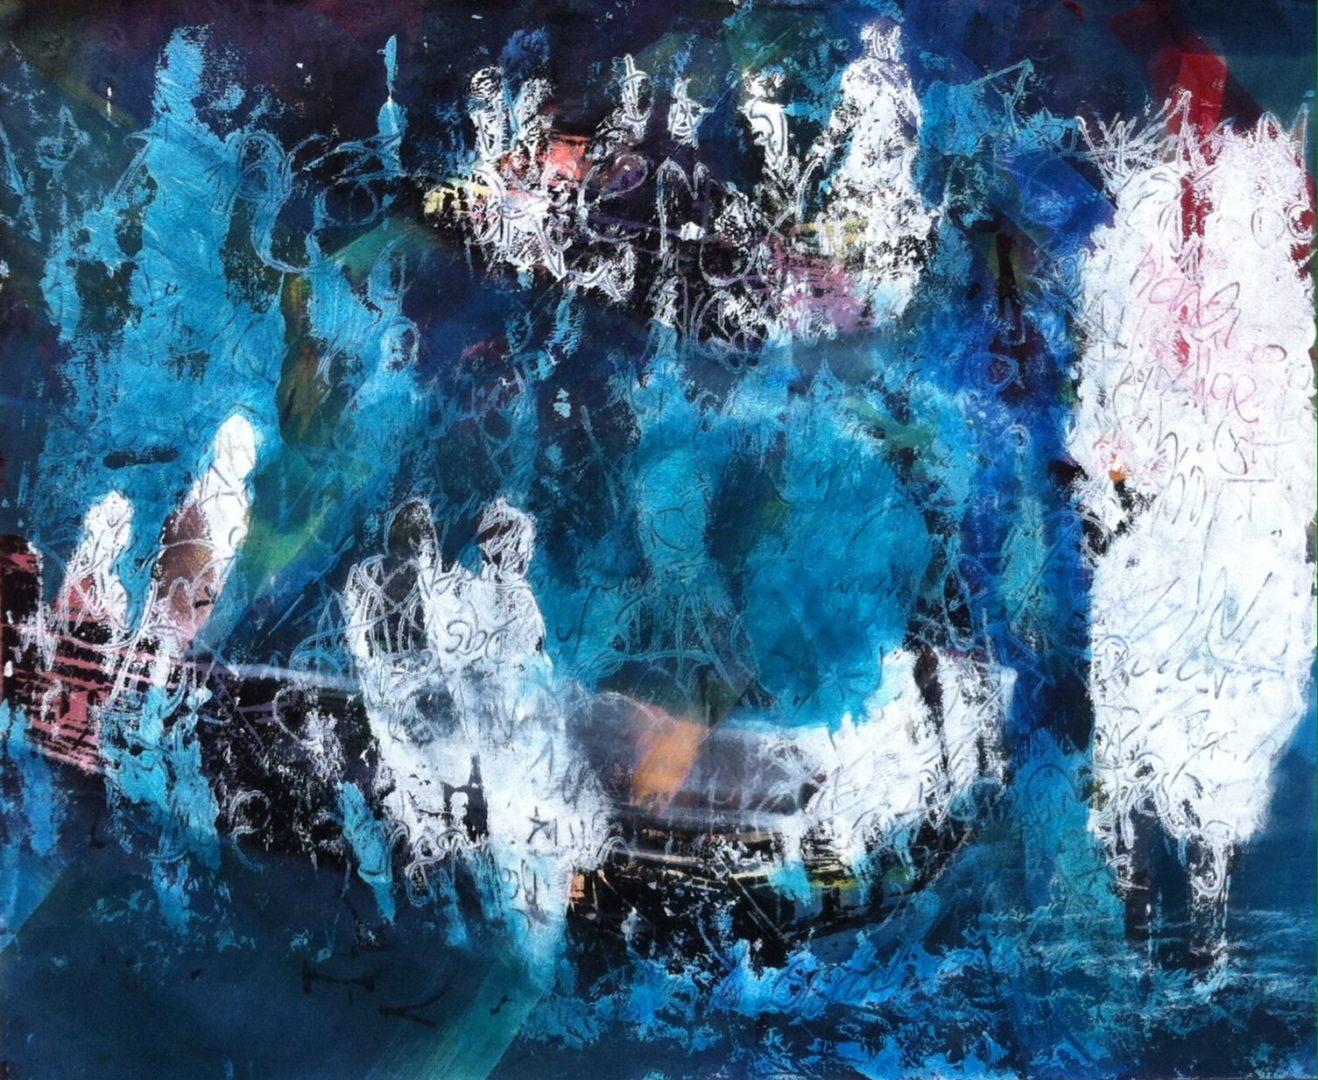 Unterwegs - Acryl Lasur, Holzschnitt auf Papier, 40,5 x 52 cm, 2017 ©Ursula Heermann-Jensen